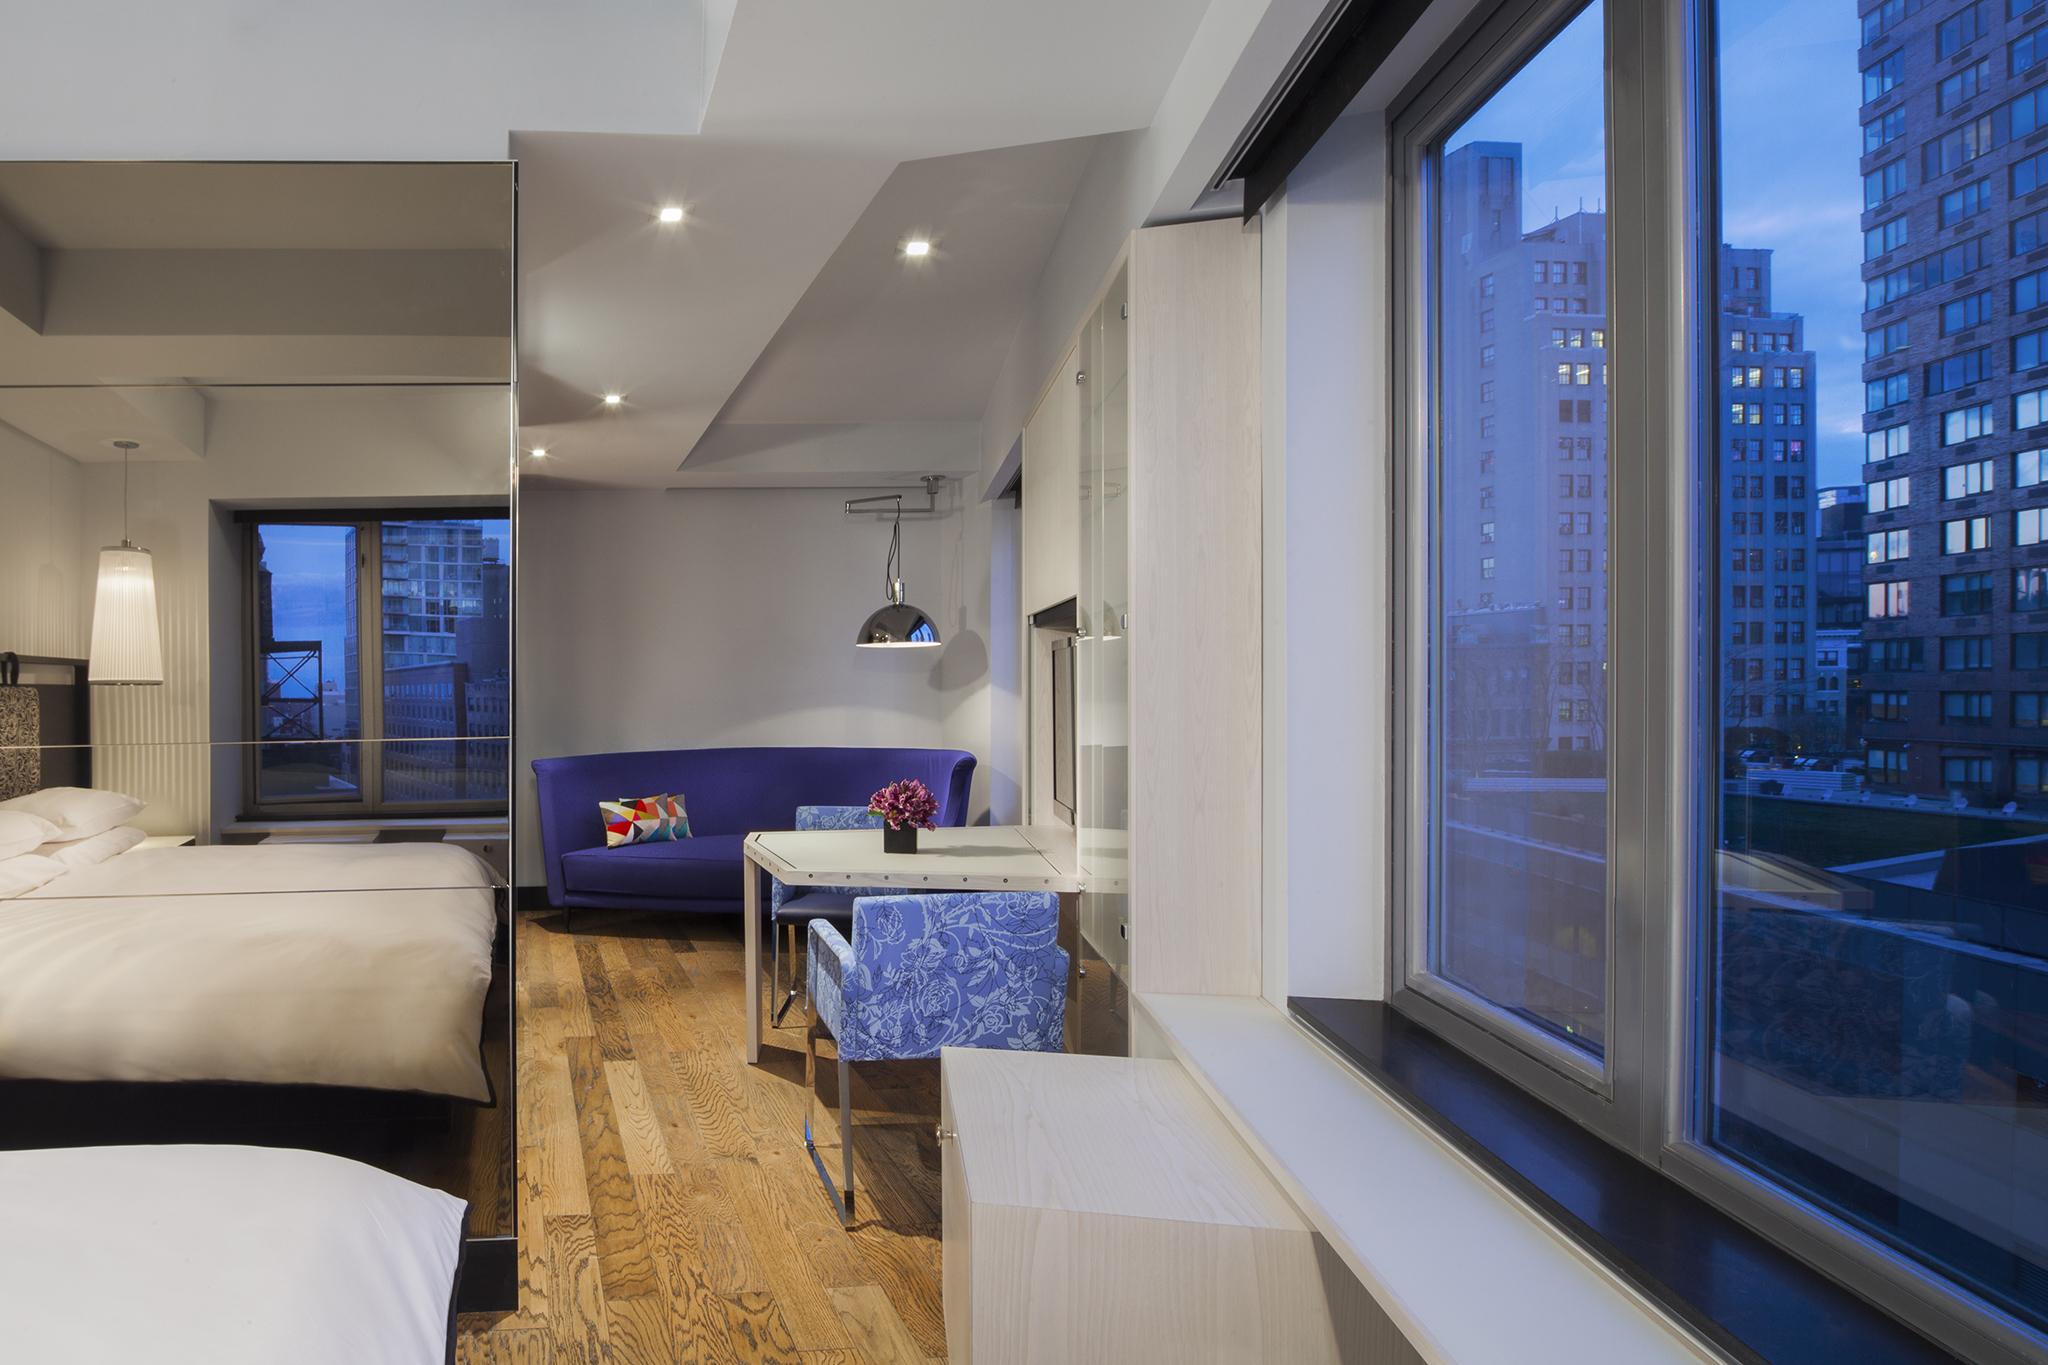 Hyatt Union Square New York Hotels In East Village New York